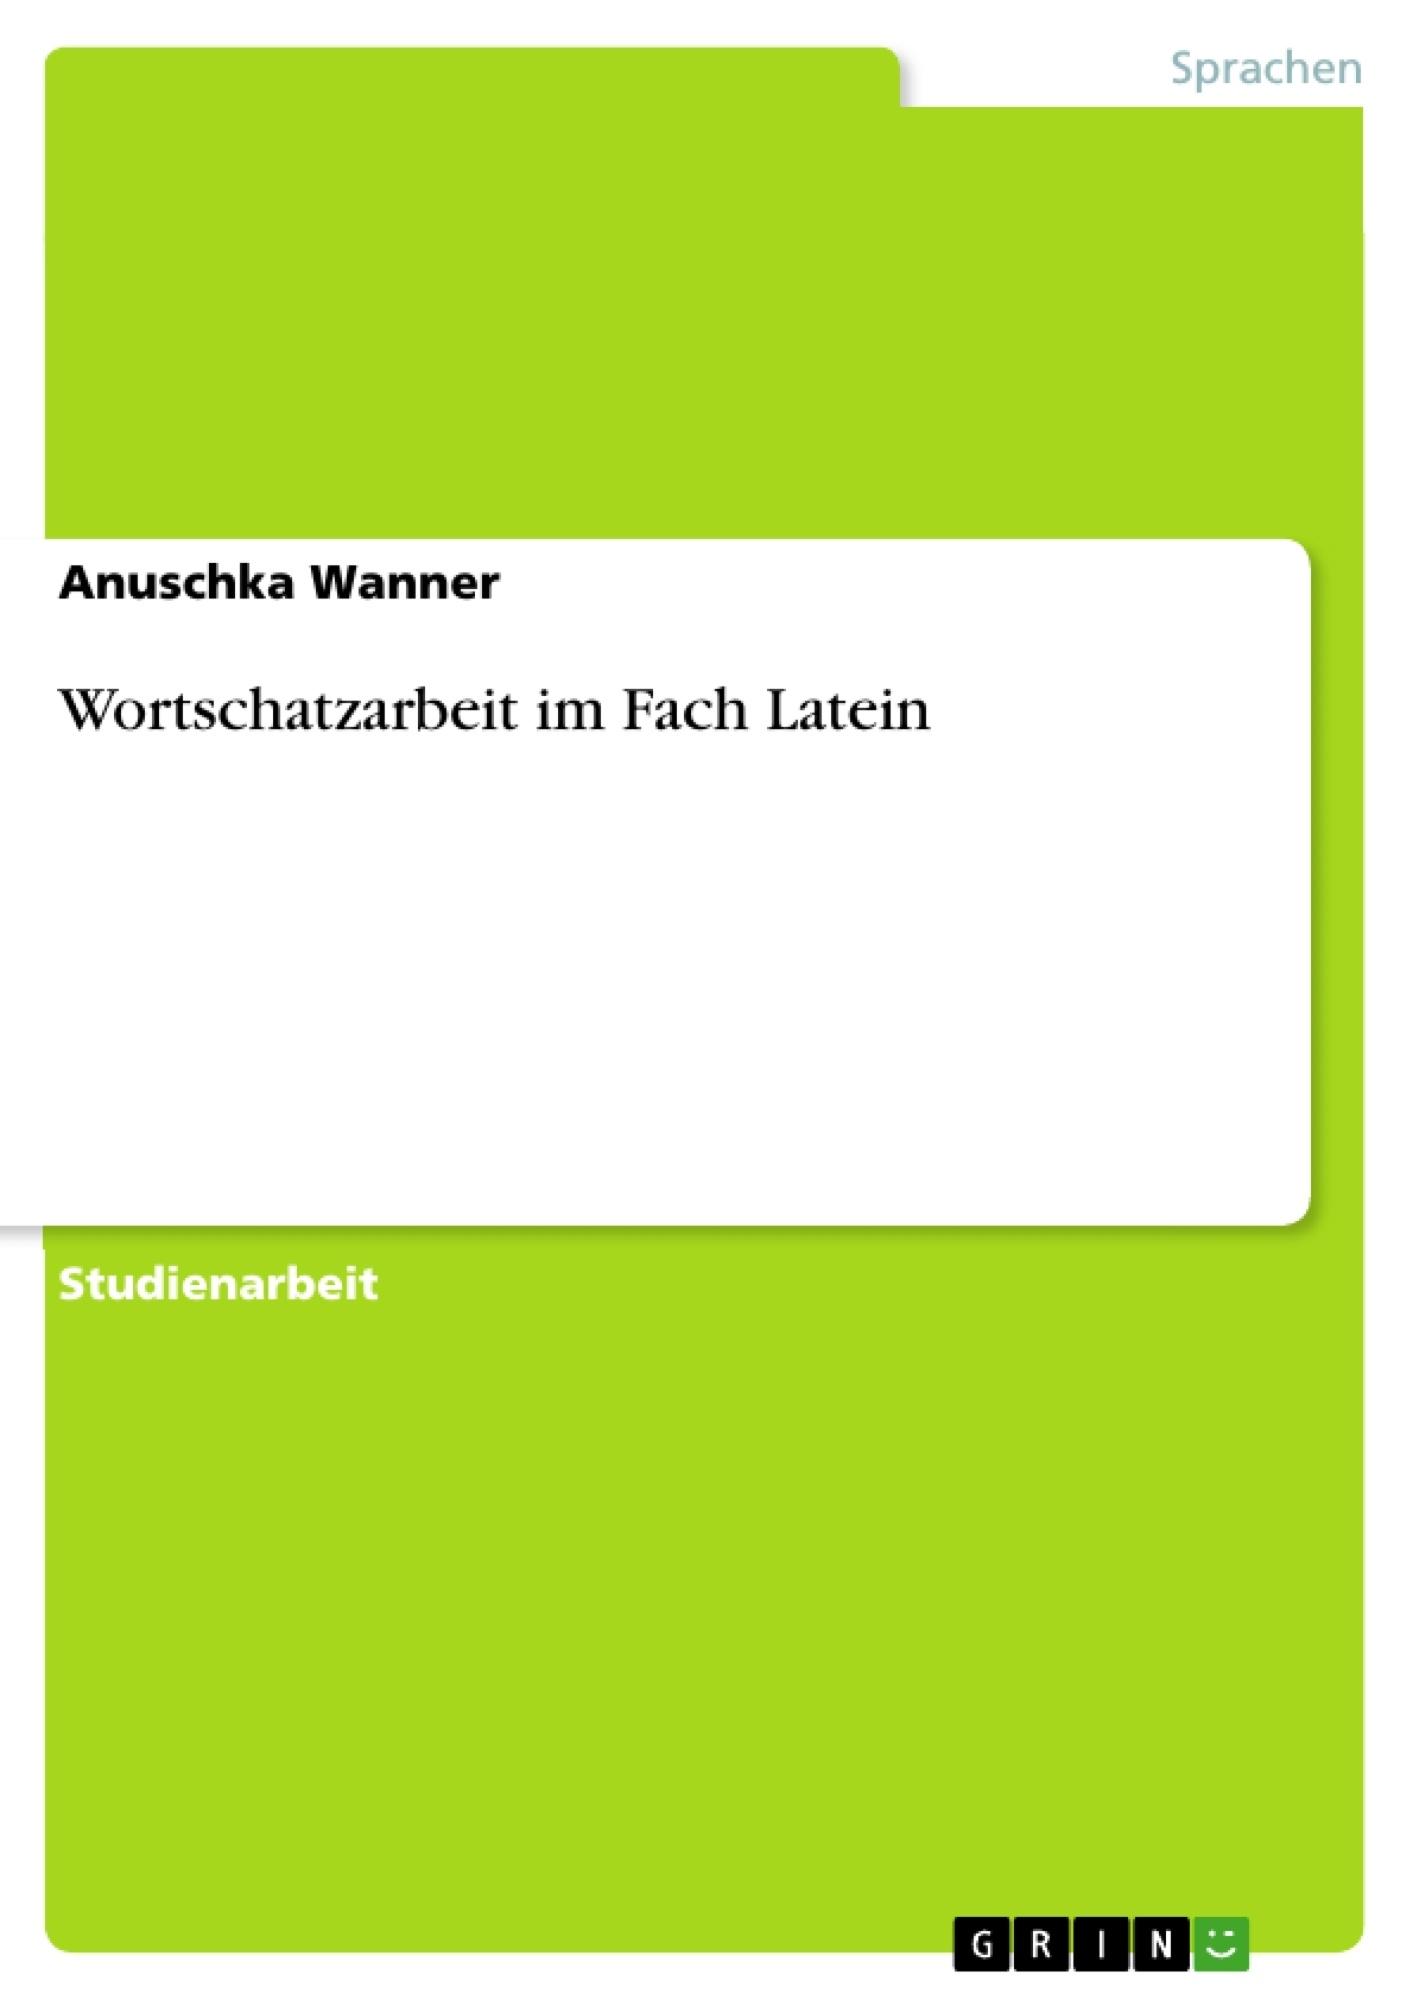 Titel: Wortschatzarbeit im Fach Latein